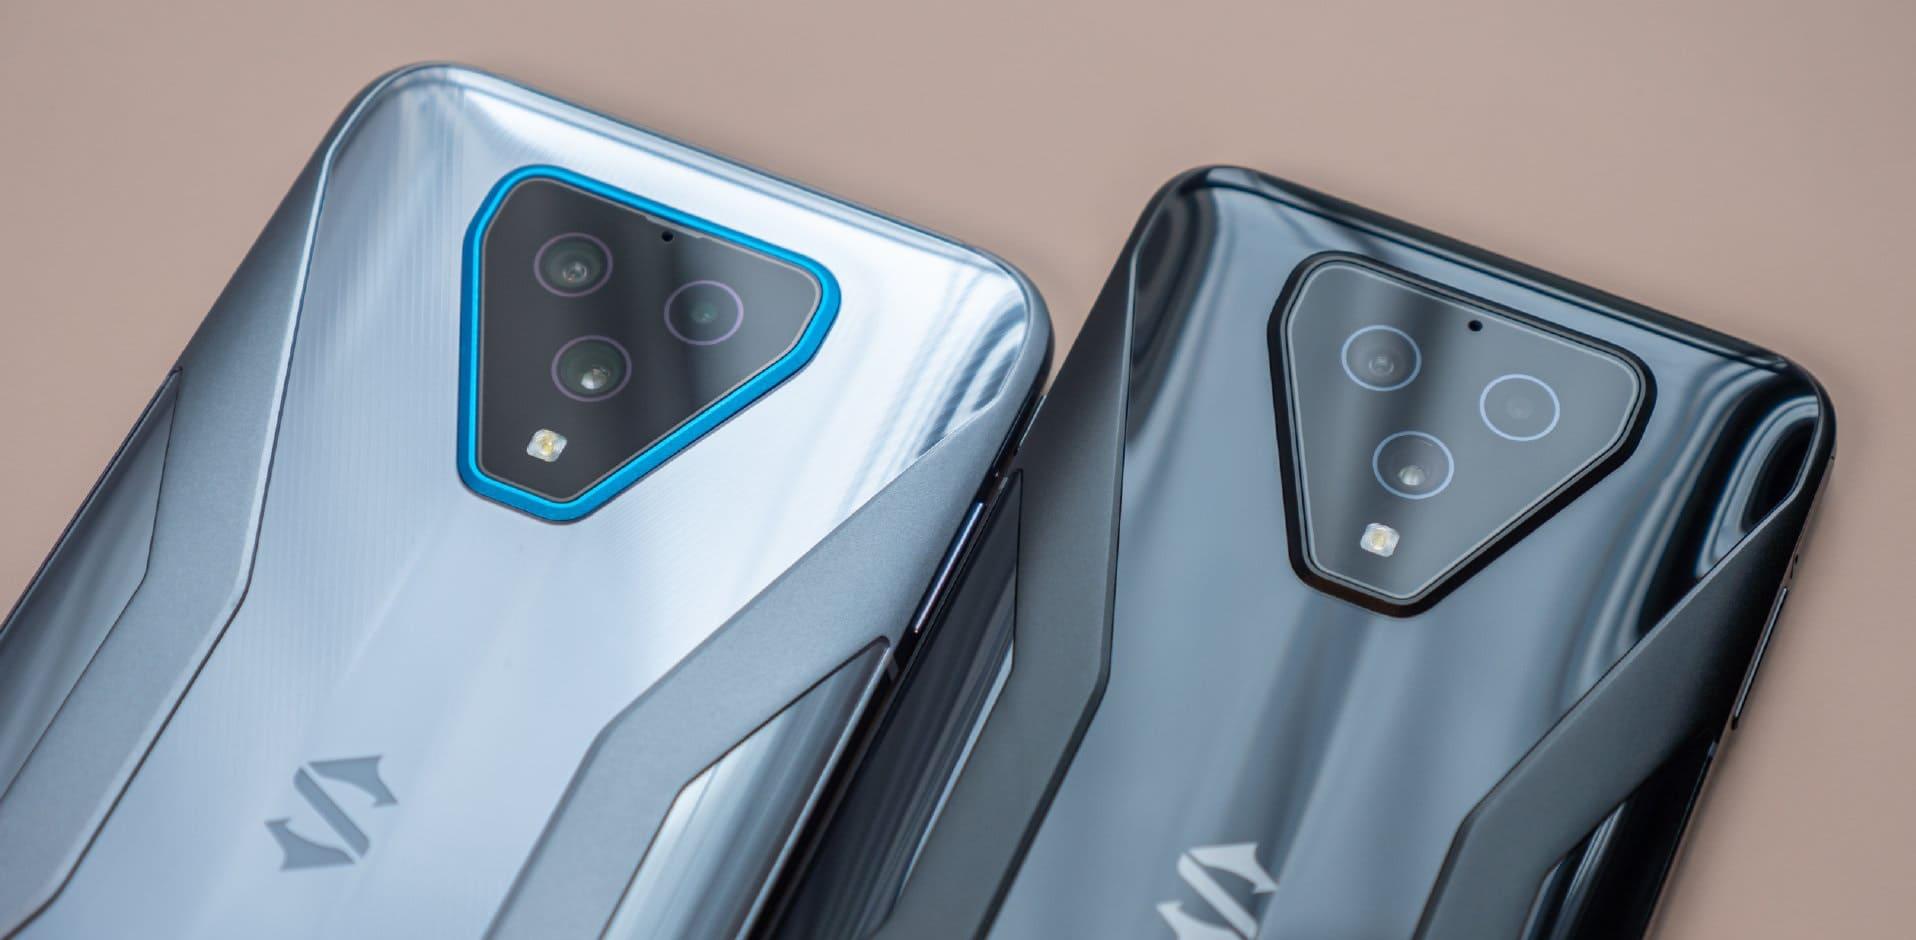 Смартфоны Black Shark 3 и 3 Pro 5G: новые «монстры» игрового подразделения Xiaomi